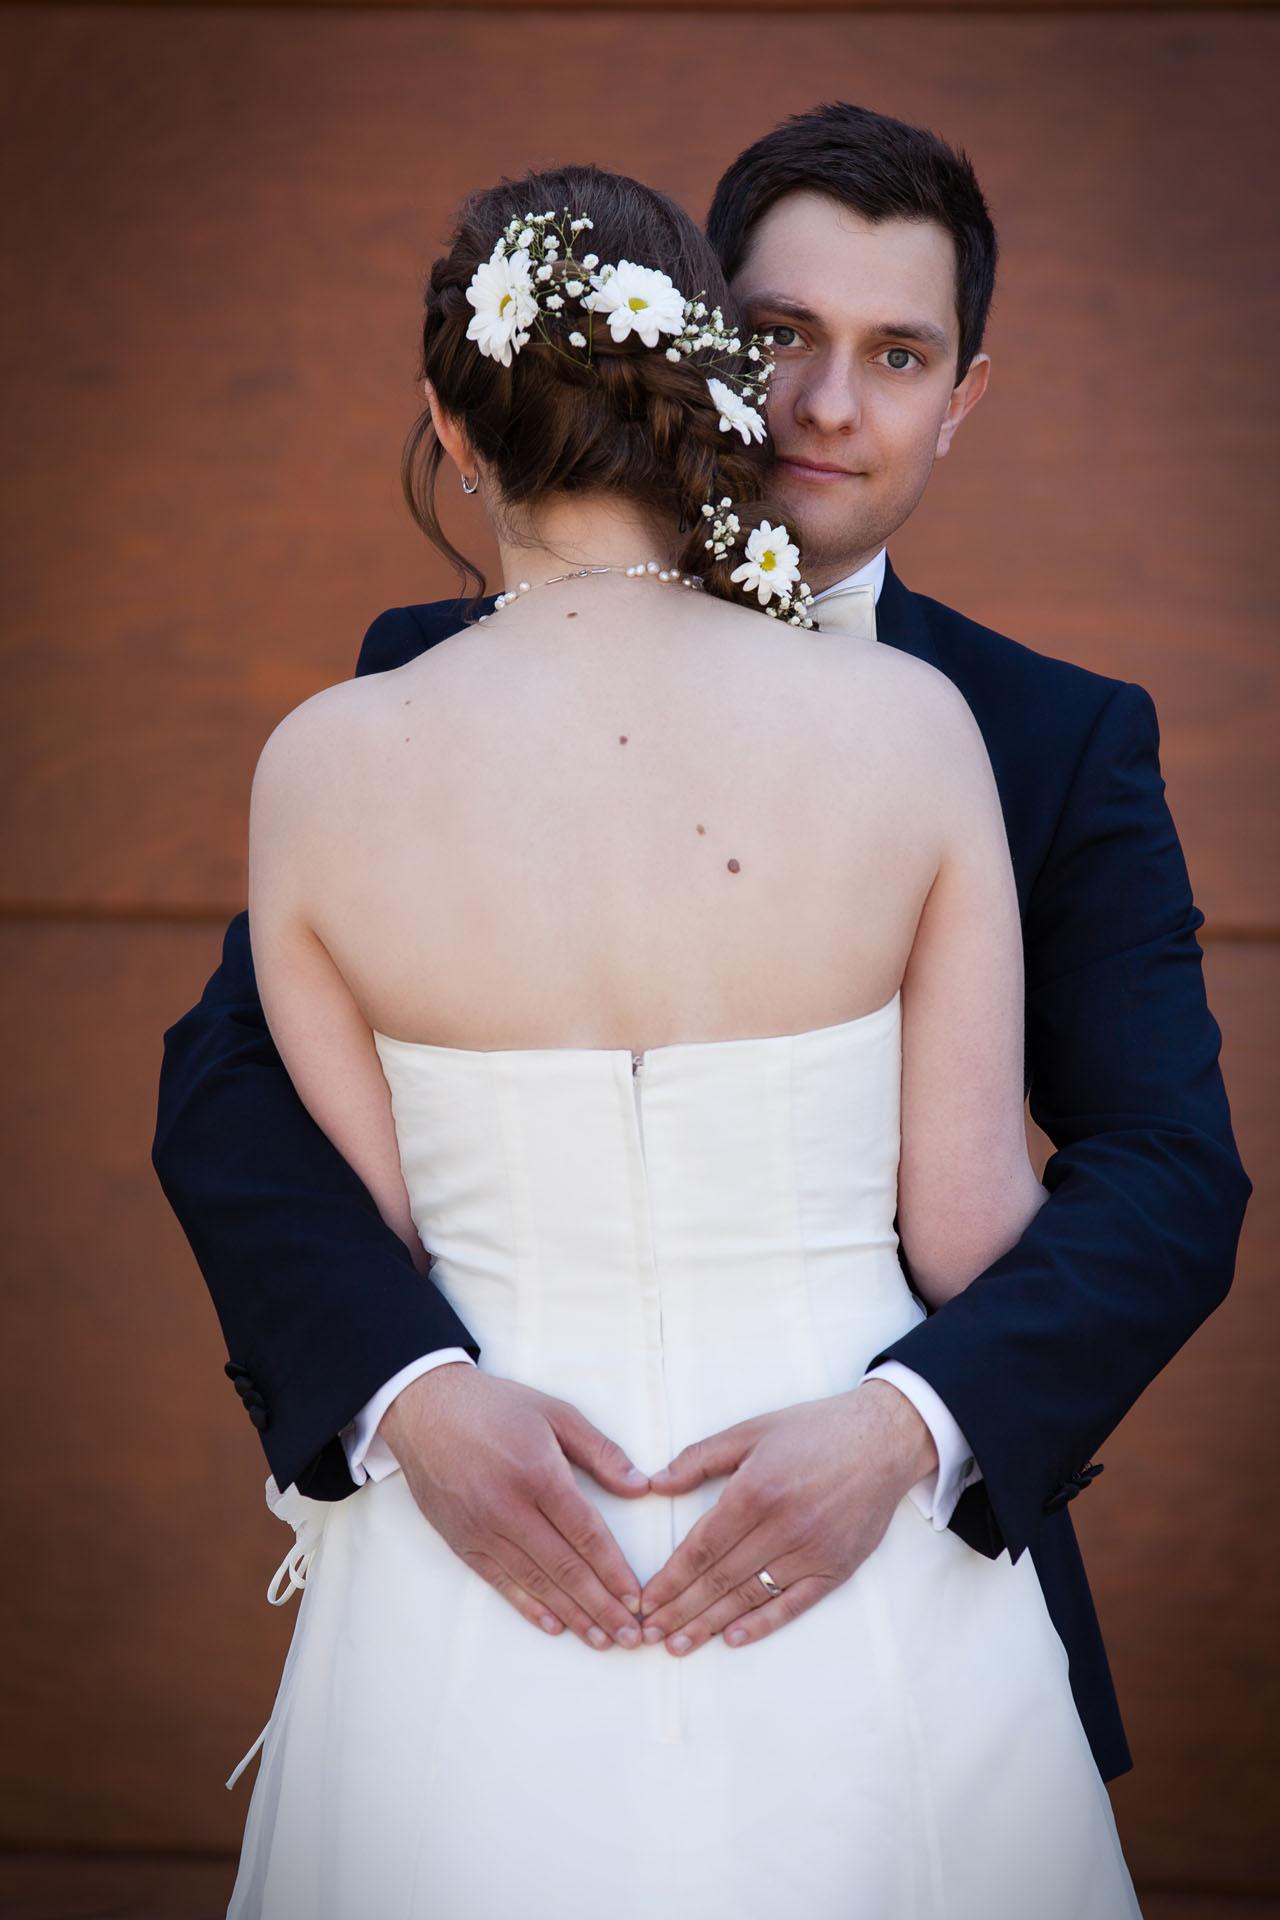 Bräutigam umarmt Braut und schließt mit den Händen eine Herzform